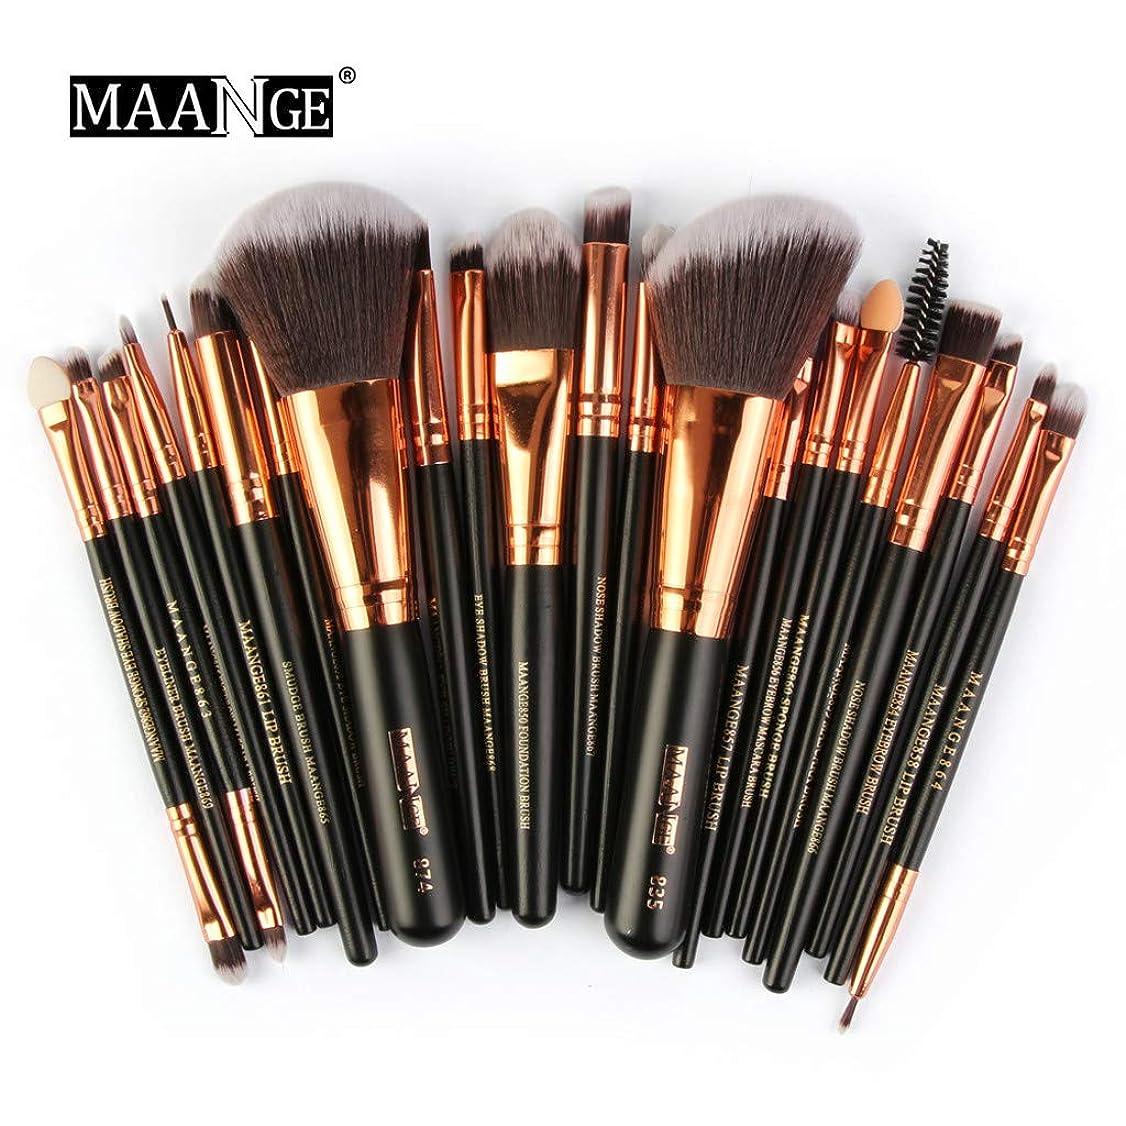 愛情苦行巻き戻すAkane 22本 MAANGE 人気 プロ 気質的 柔らかい 上等 アイメイク 多機能 たっぷり 魅力的 おしゃれ 高級 綺麗 美感 セット 激安 日常 仕事 Makeup Brush メイクアップブラシ (10色) MAG5171